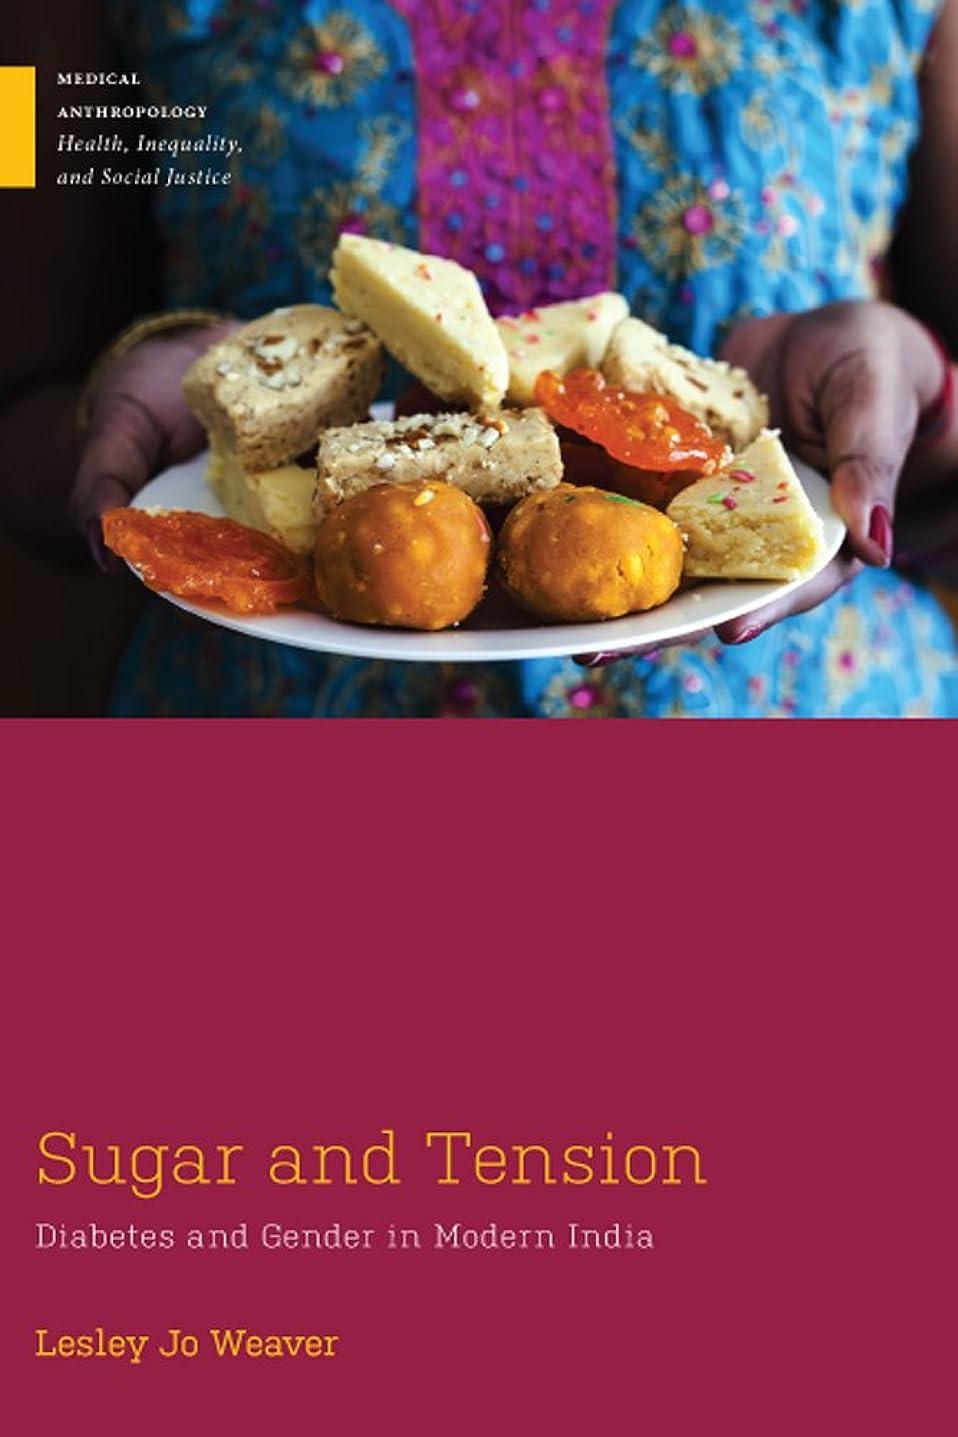 ジーンズペースト同化Sugar and Tension: Diabetes and Gender in Modern India (Medical Anthropology) (English Edition)